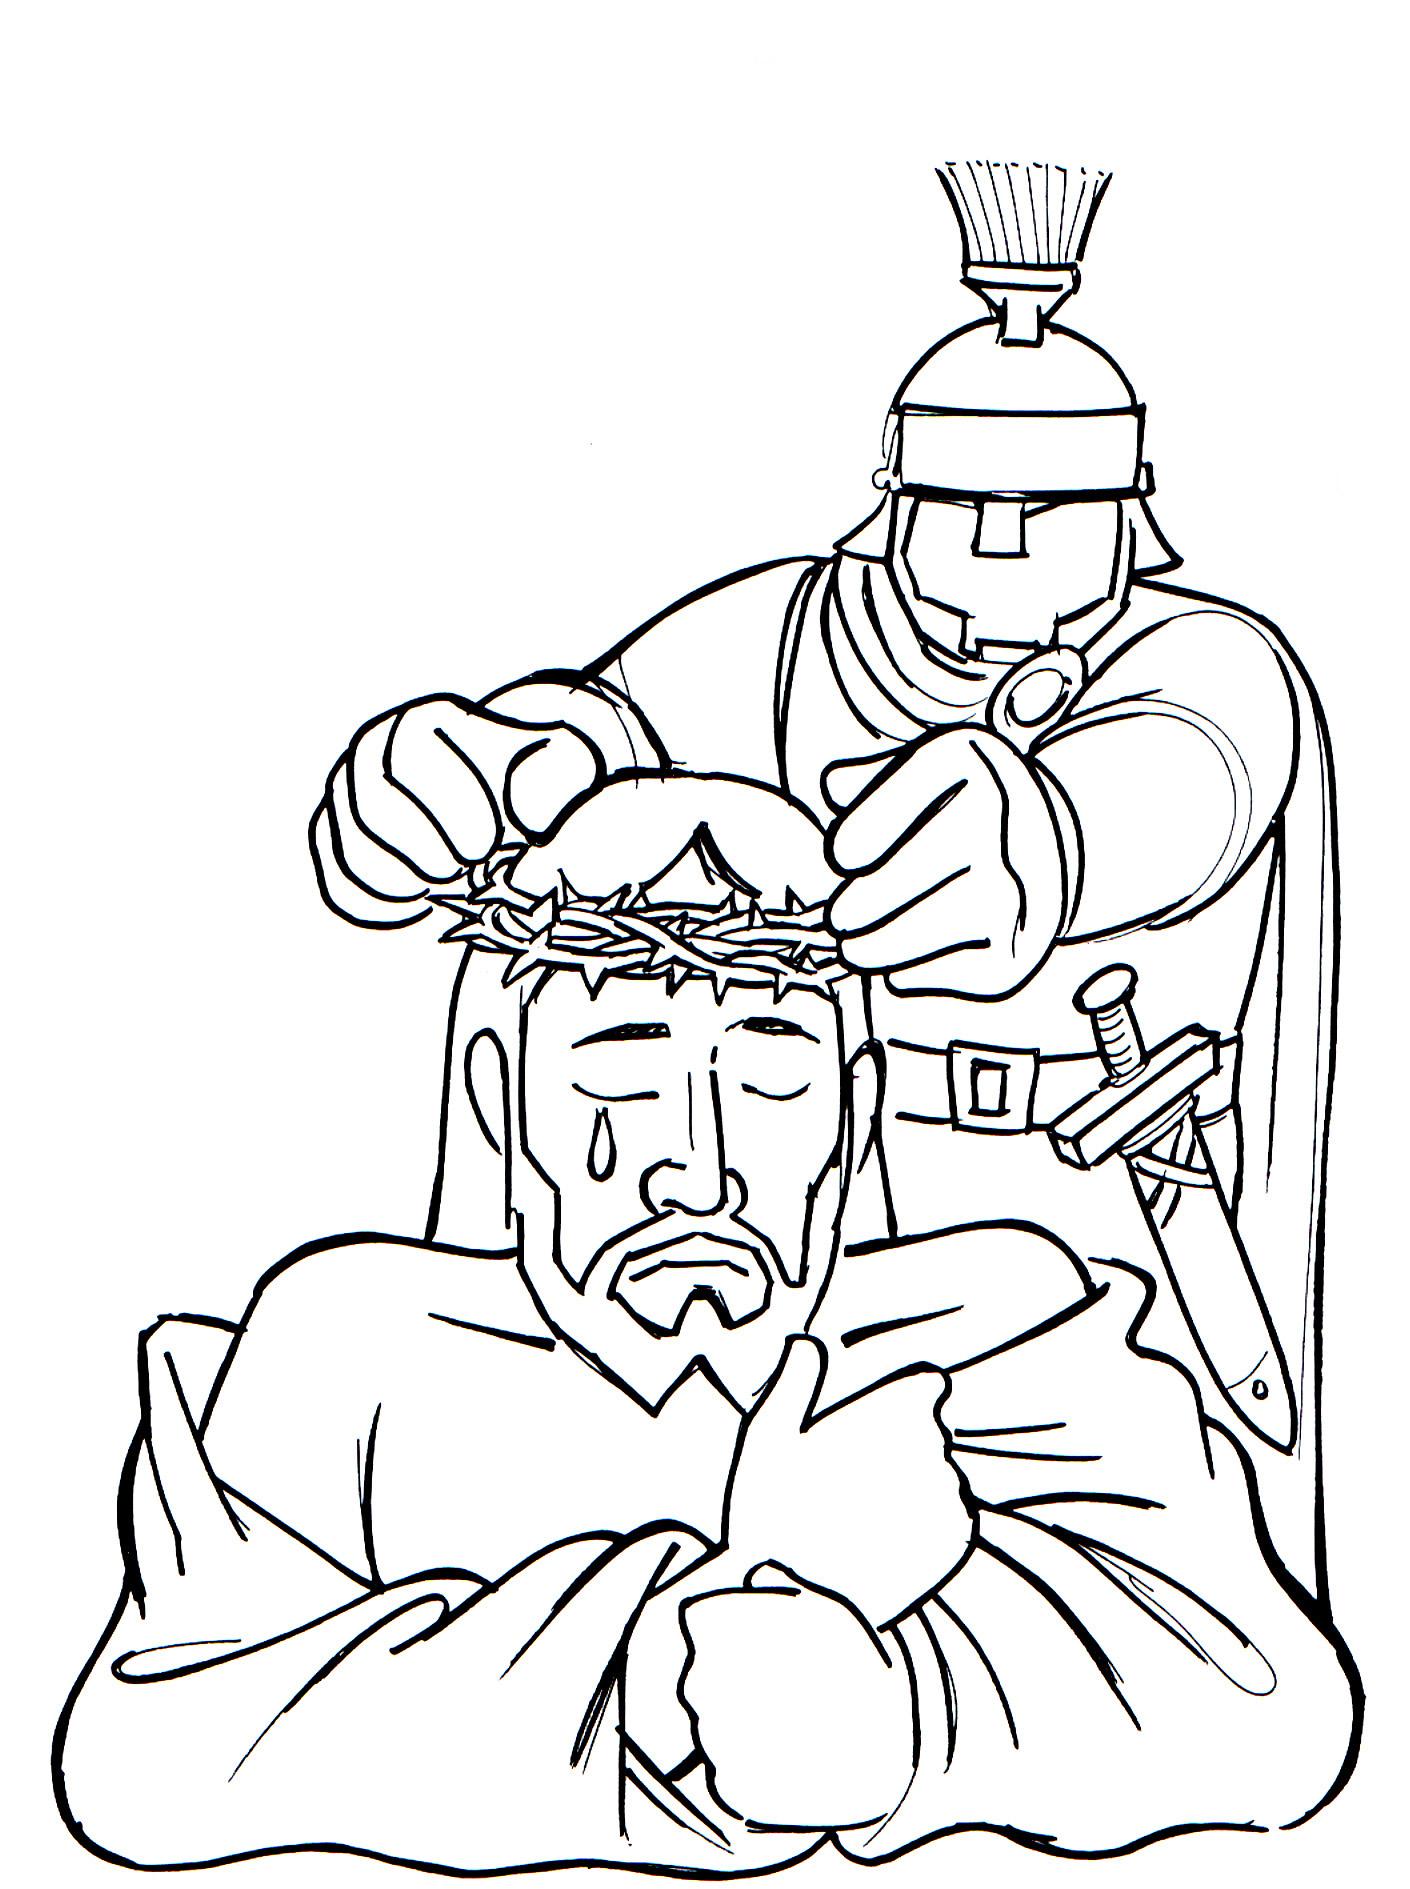 Imagens De Rosto De Jesus Com A Coroa De Espinhos Para Colorir